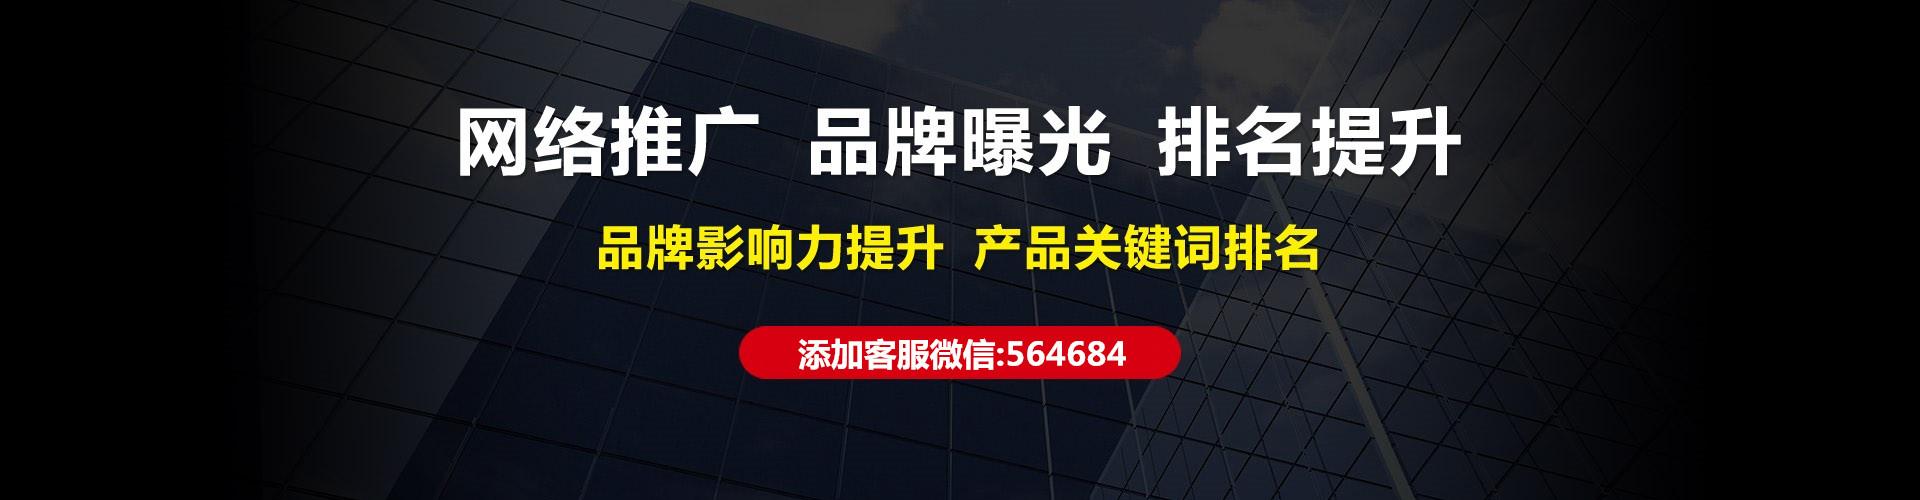 沈阳网络推广